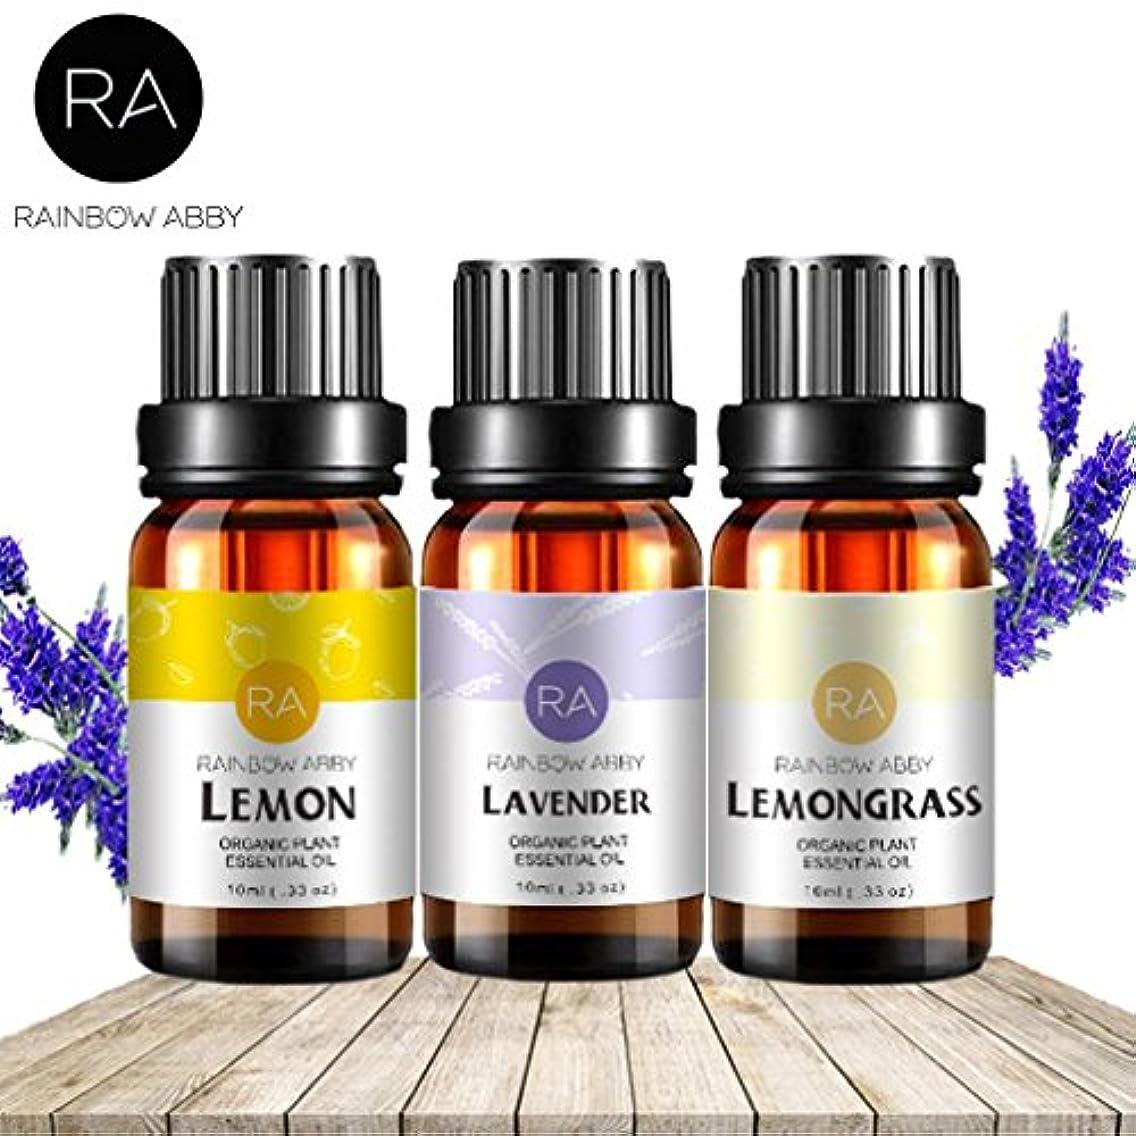 額研磨なくなるRAINBOW ABBY ラベンダー レモン レモングラス エッセンシャル オイル 10ML 純粋な 天然 アロマセラピー オイル 治療用 グレード、バリュー3パック